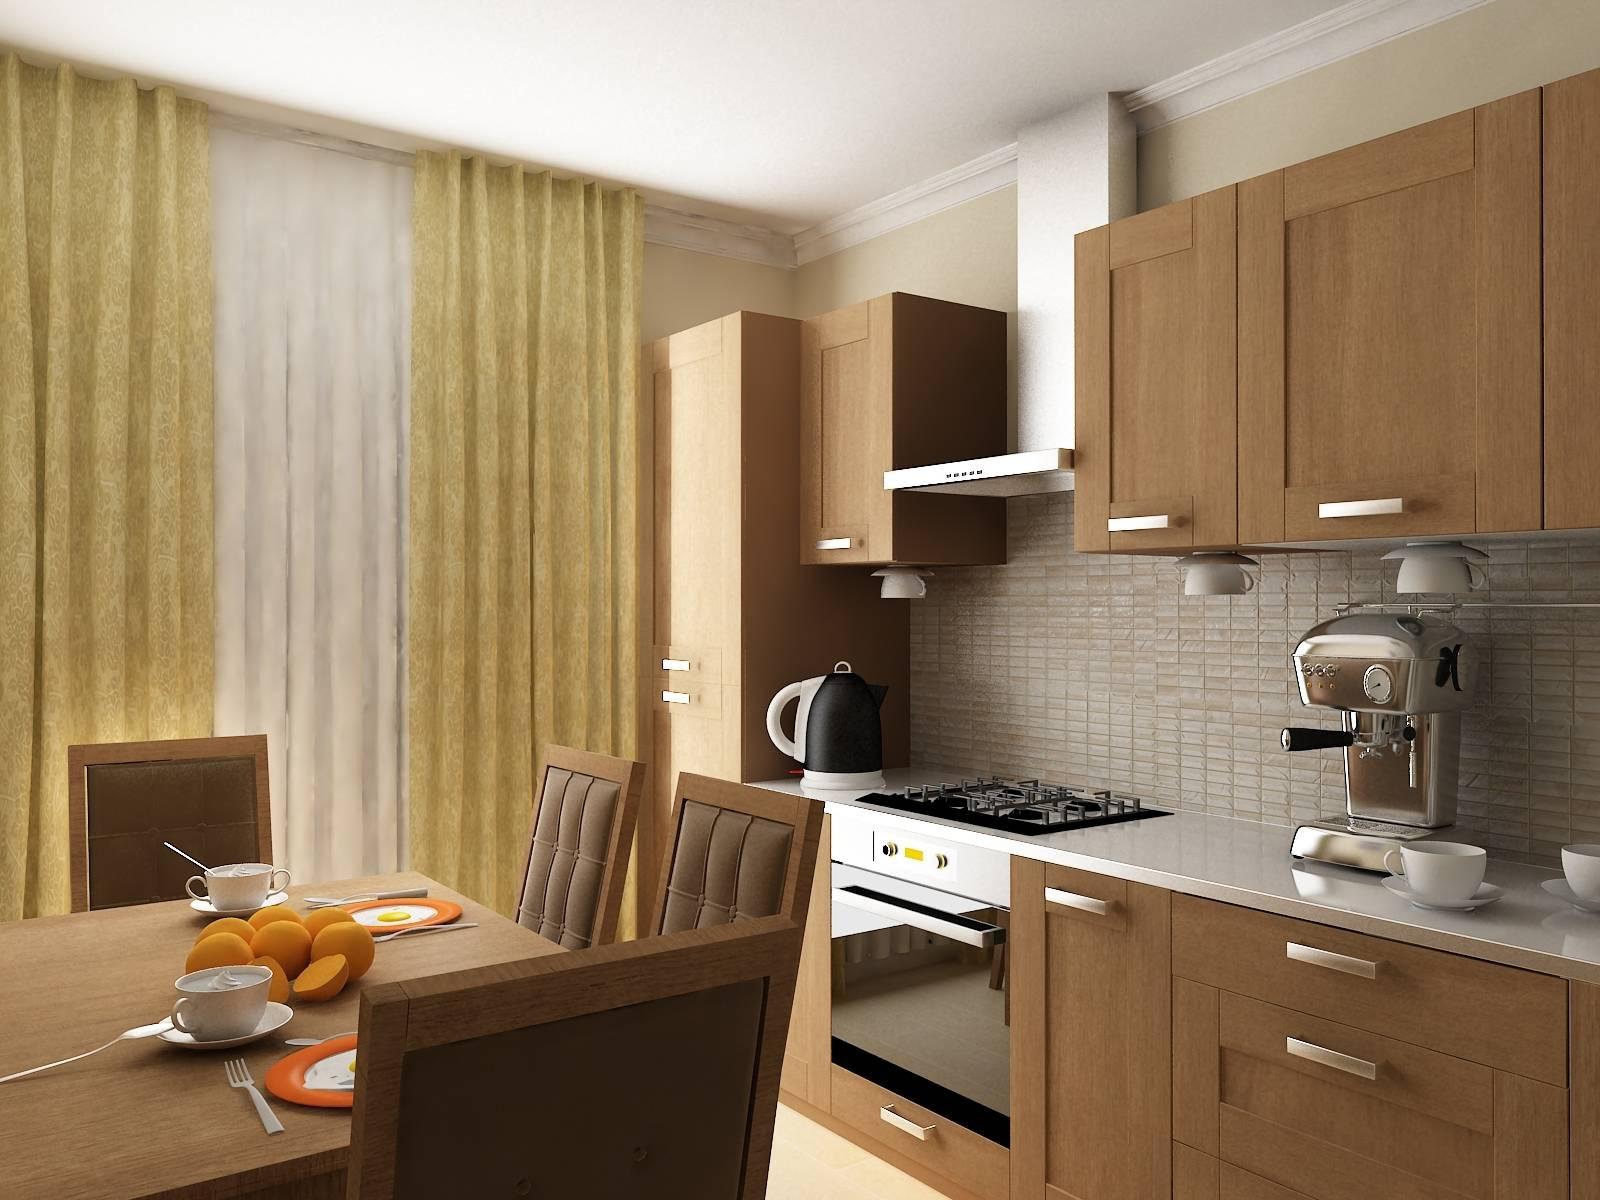 Интерьер кухни в стандартной квартире